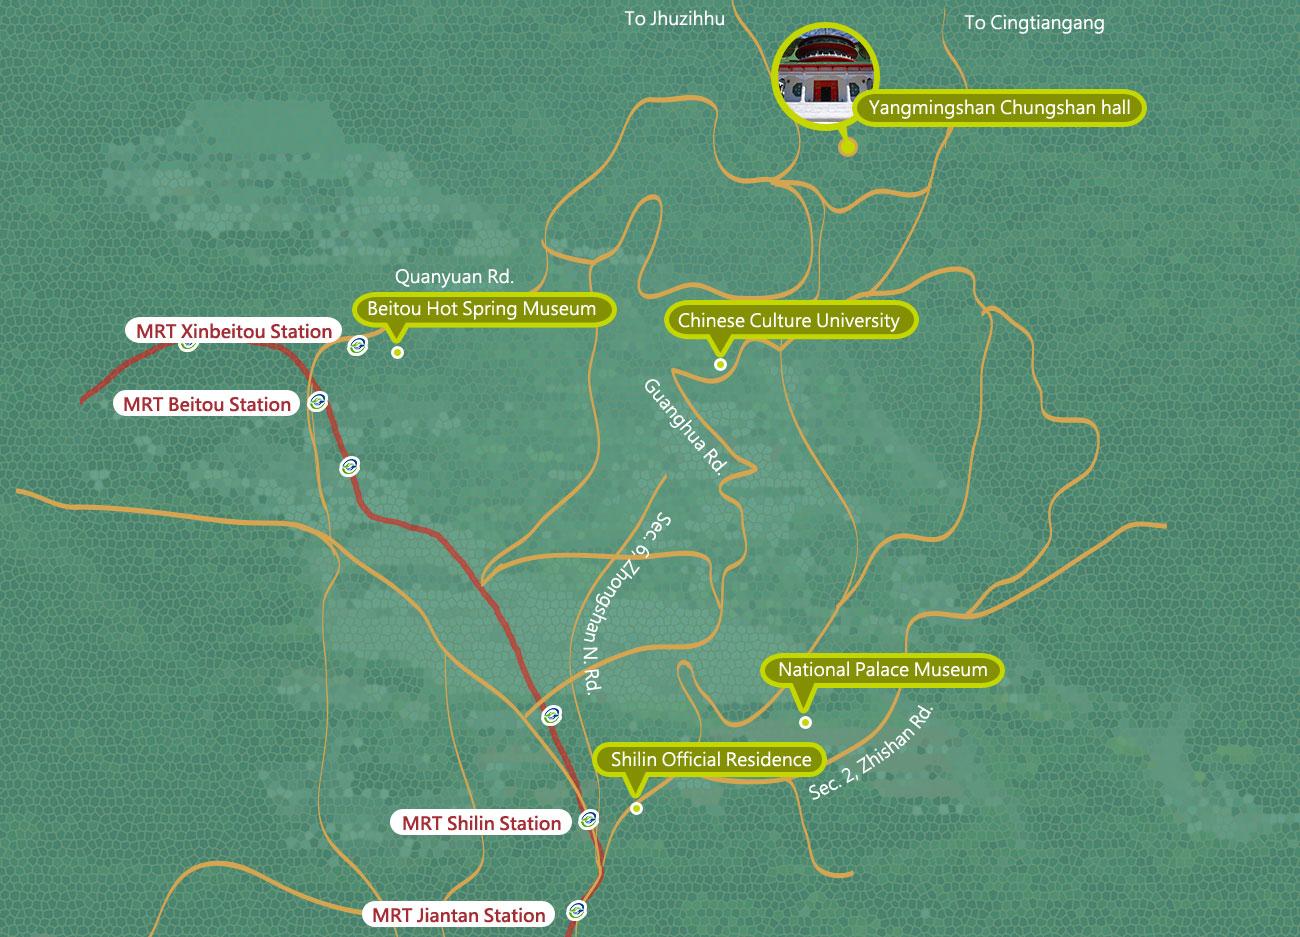 中山樓交通地圖